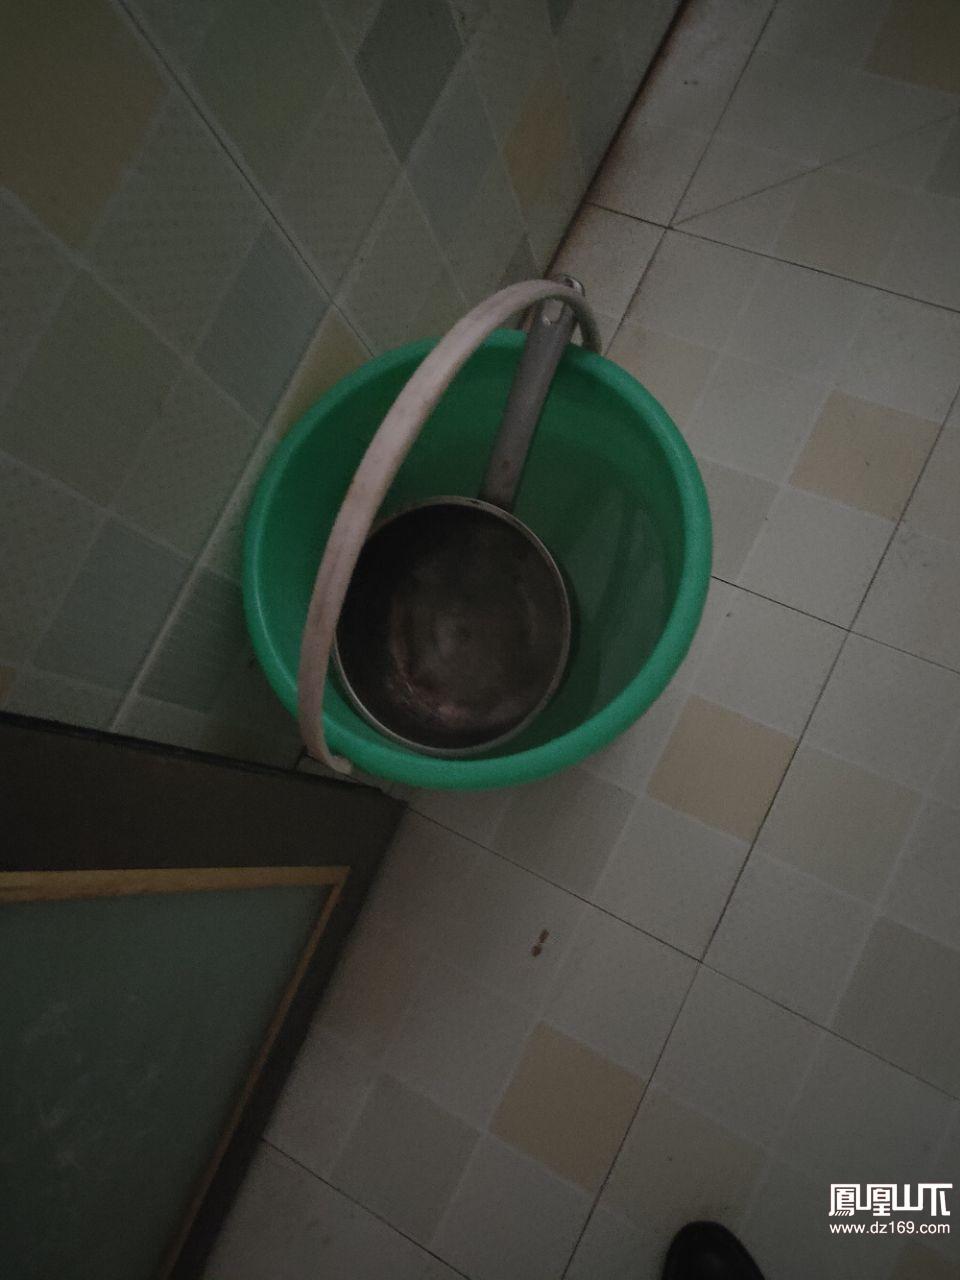 吃水有吃肉一样难了,希望有关部门管管还老百姓一个吃健康水的日子